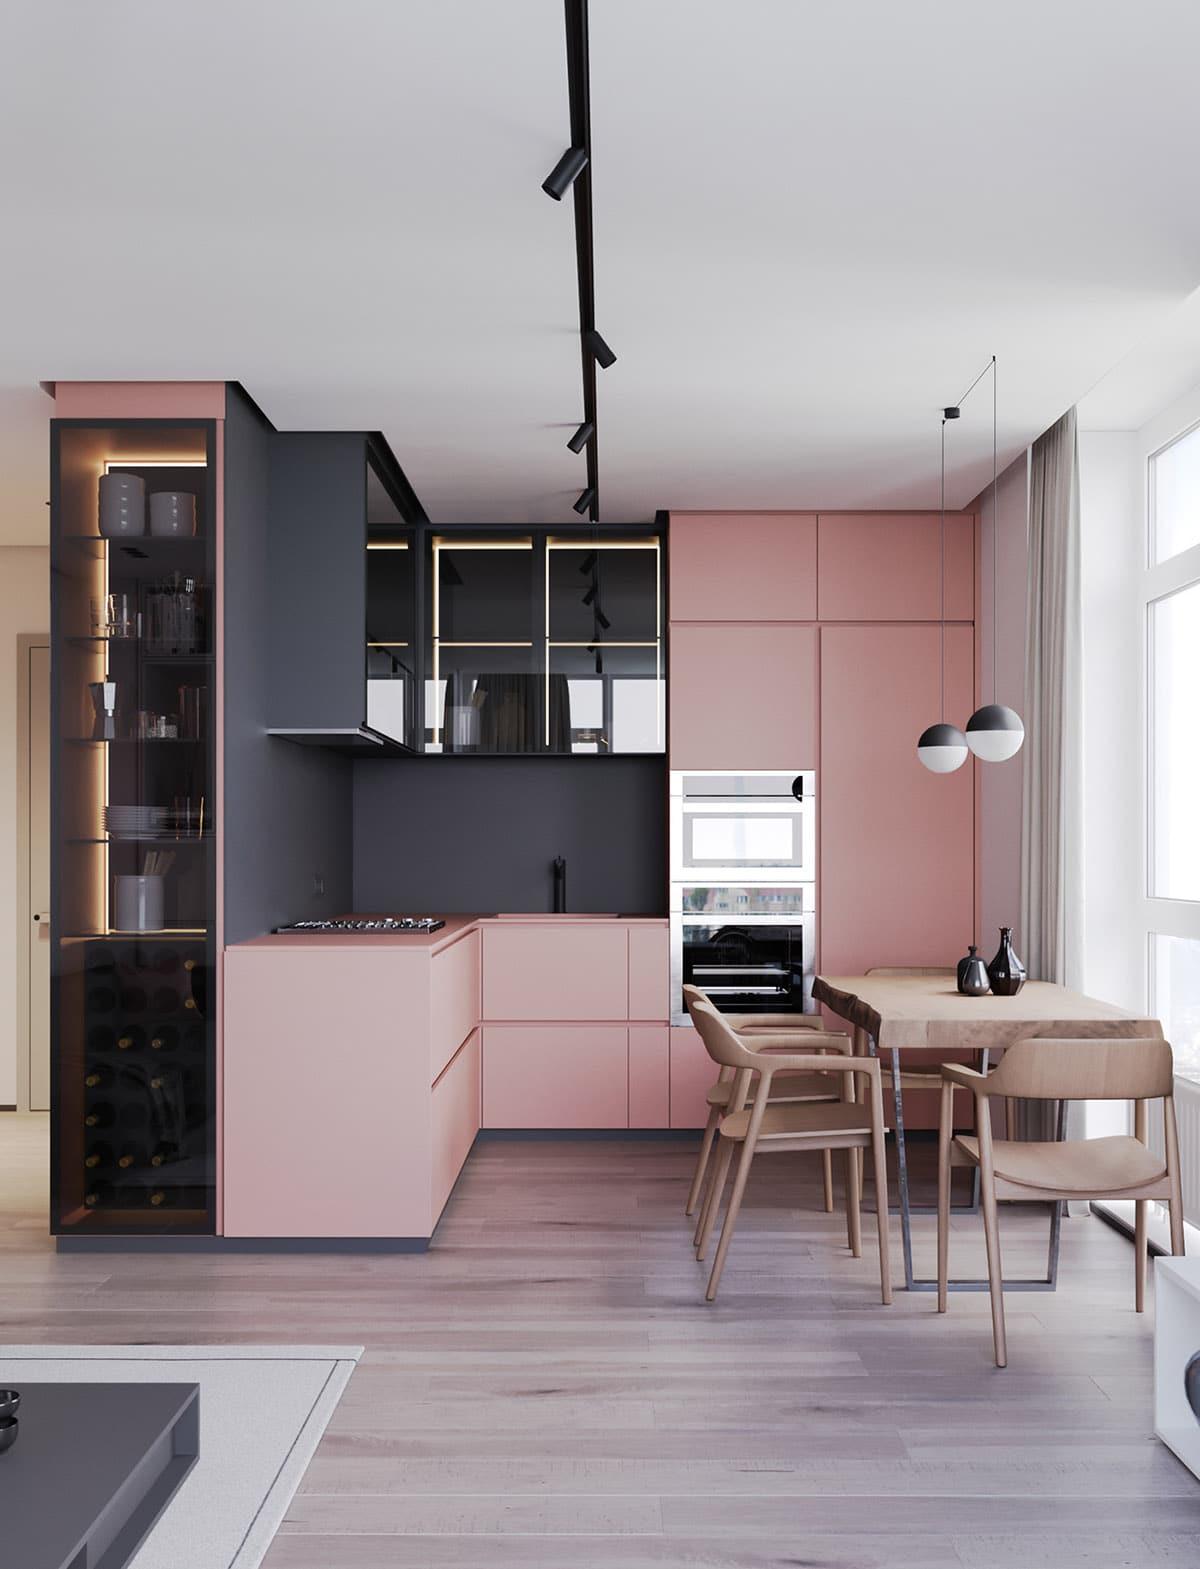 Design dans les tons gris-rose photo 3